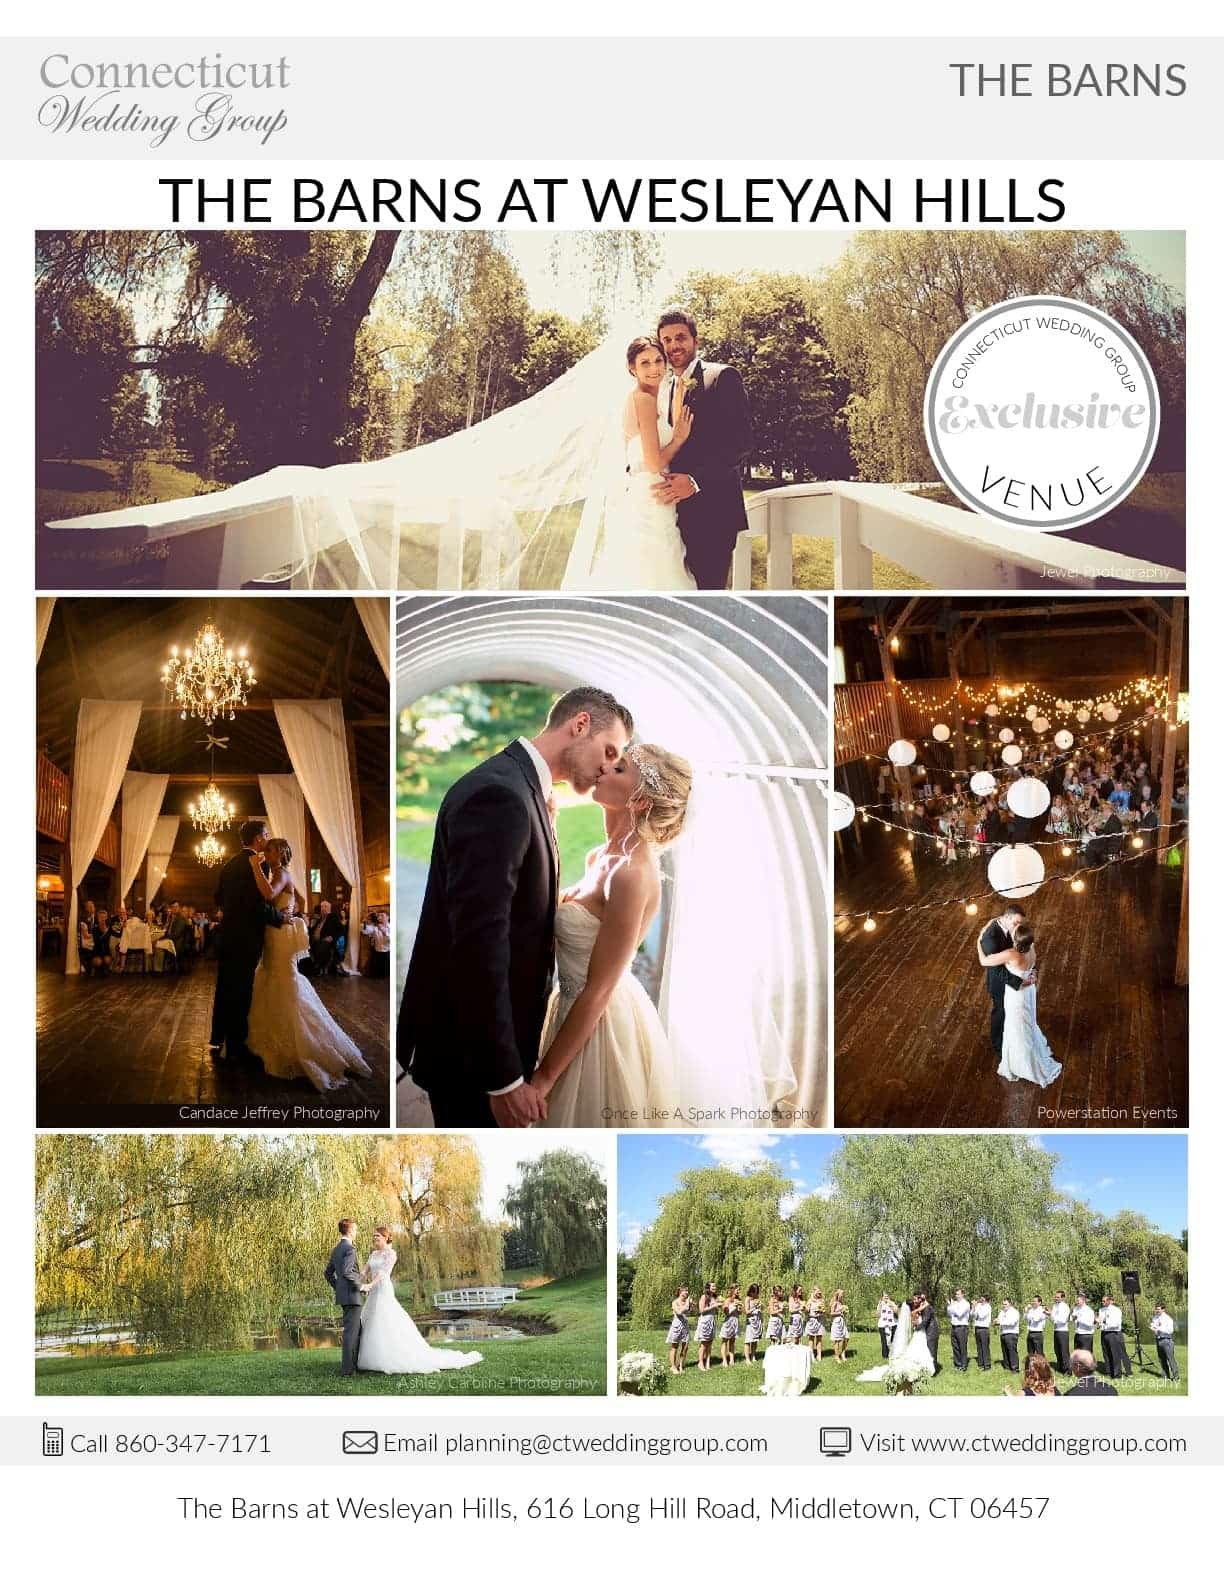 117_15311_Barns-at-Wesleyan-Hills-Signature-Wedding-Package_2017-001-min